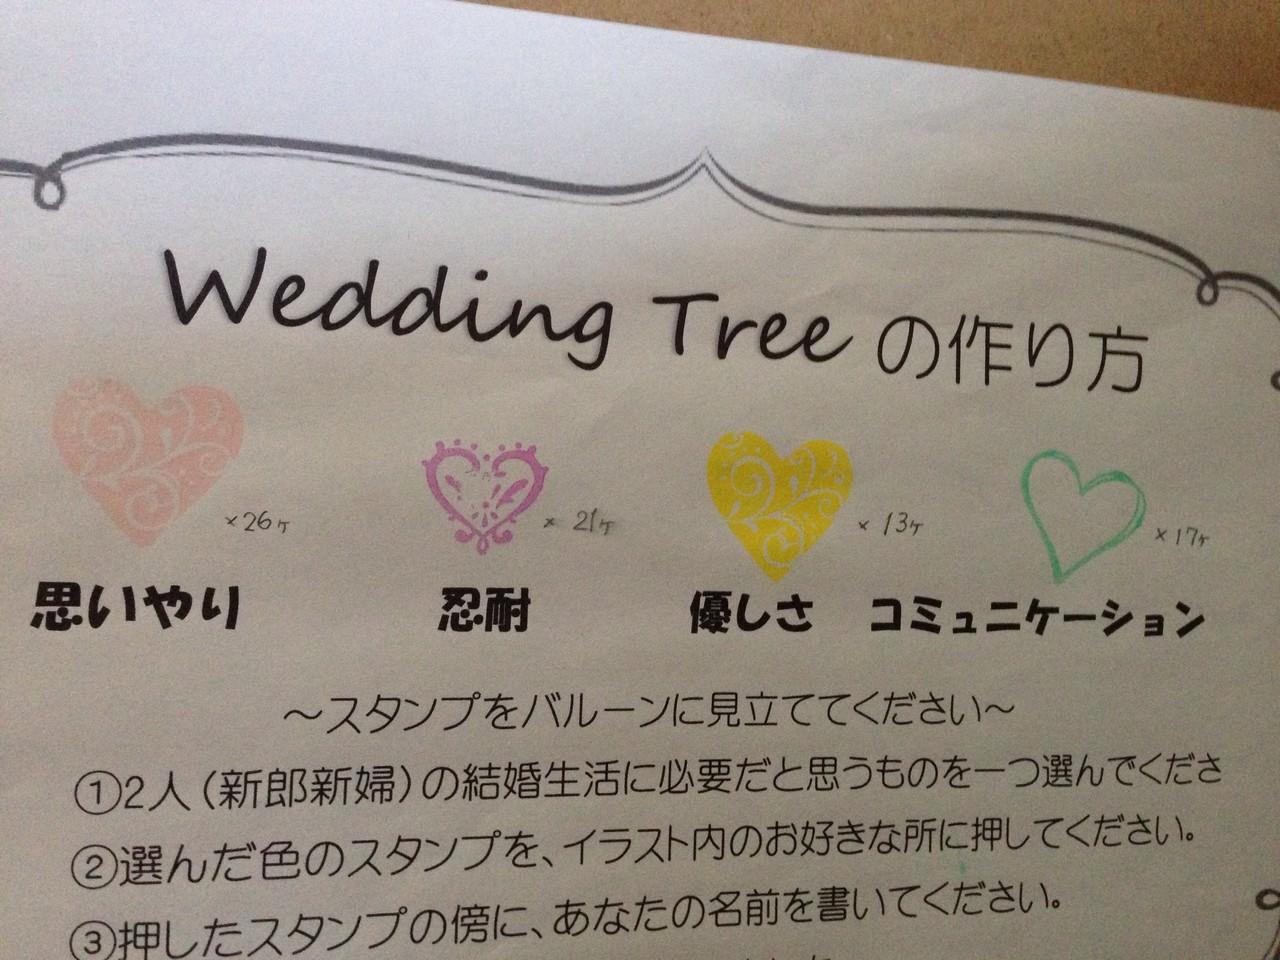 ウェディングツリーの色の意味①